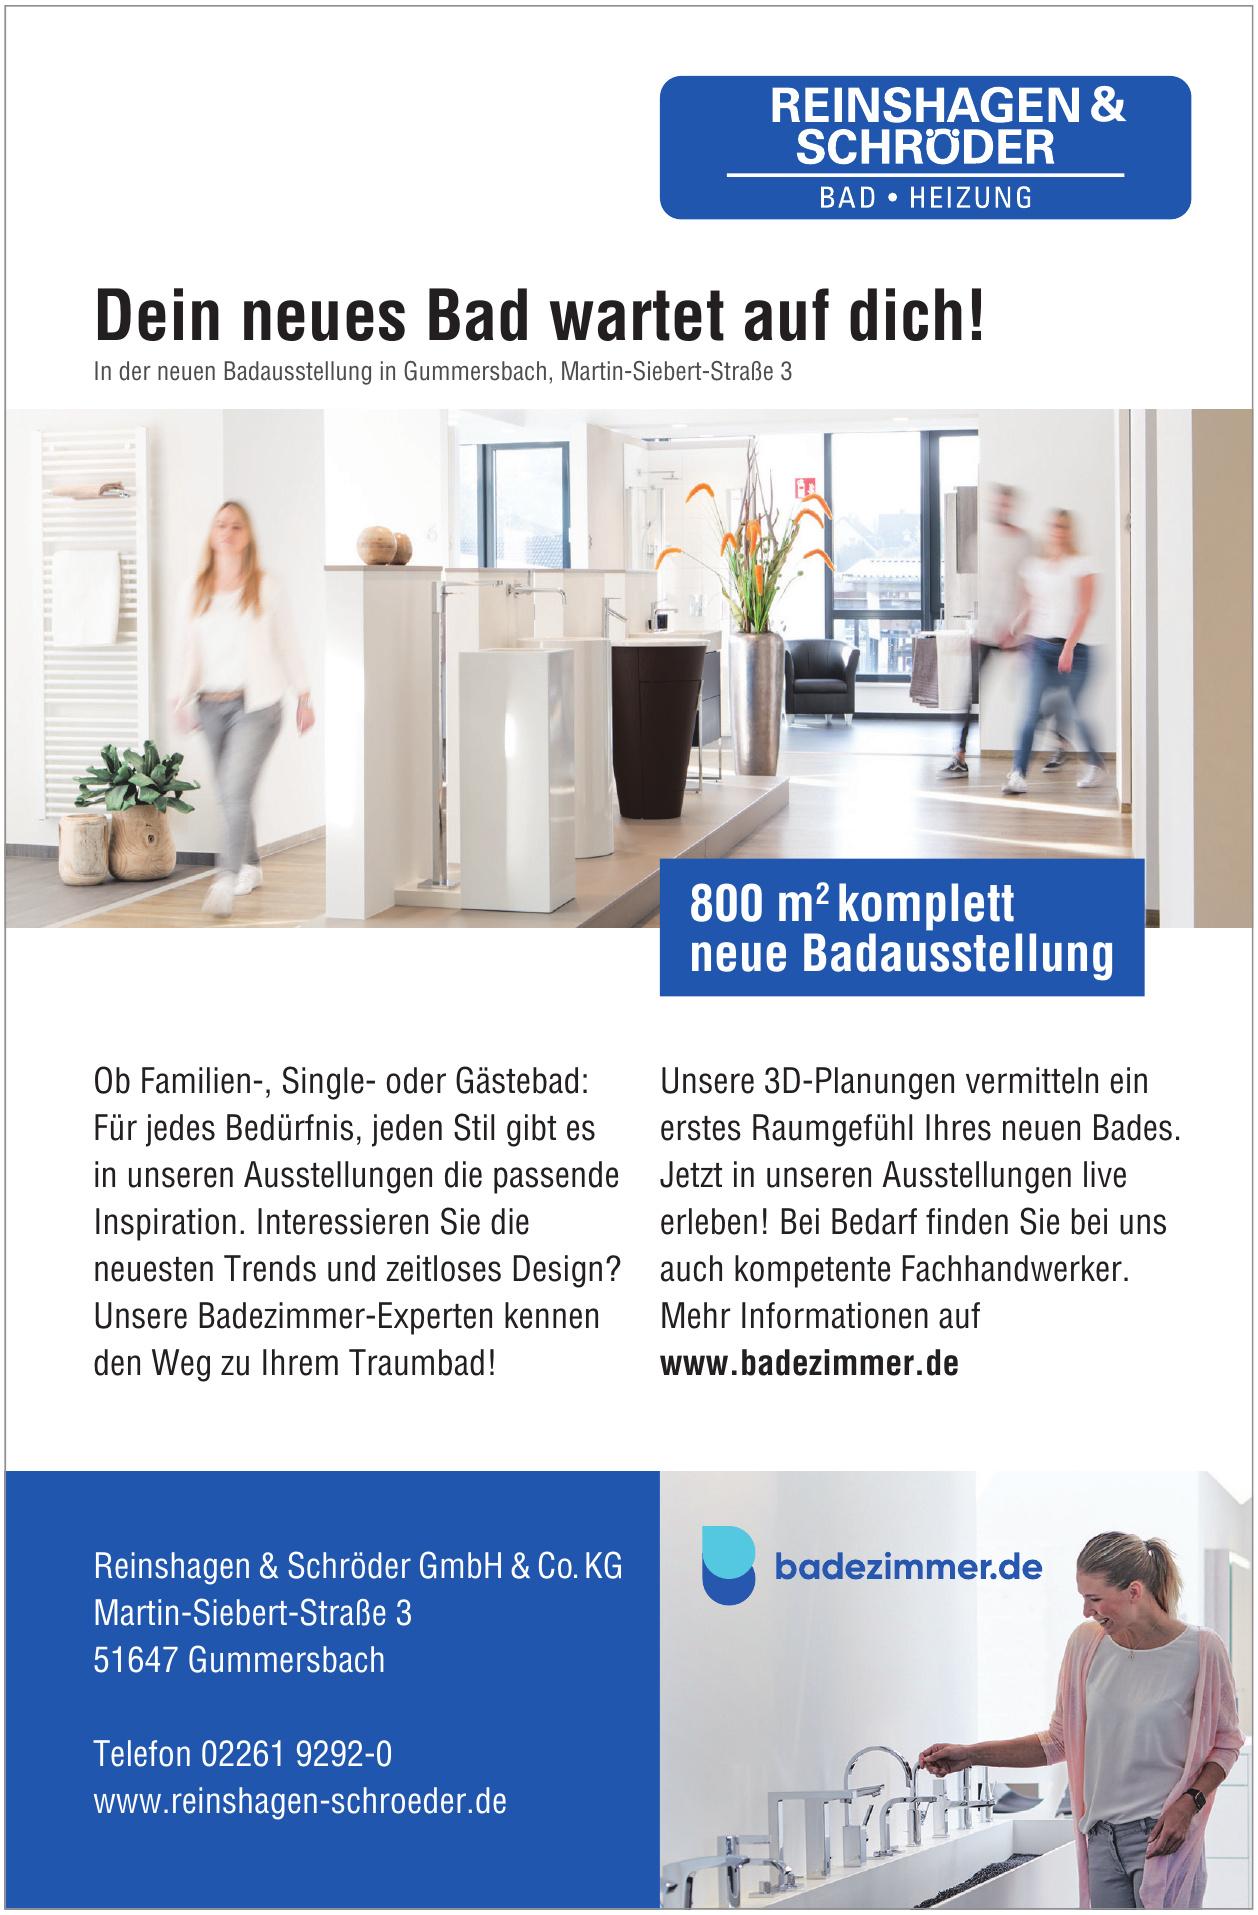 Reinshagen & Schröder GmbH & Co. KG